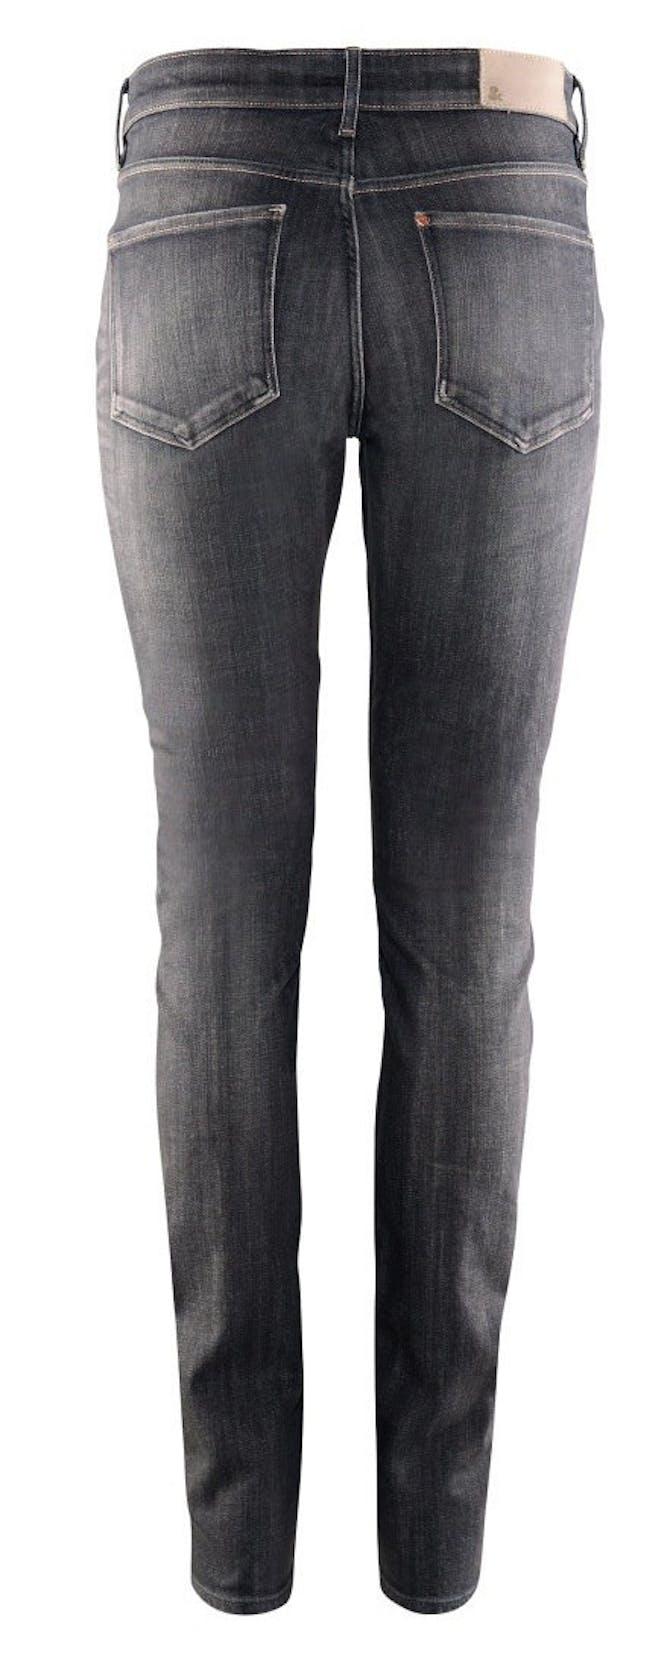 6c959ca1677 Sådan vælger du de rette jeans | Woman.dk